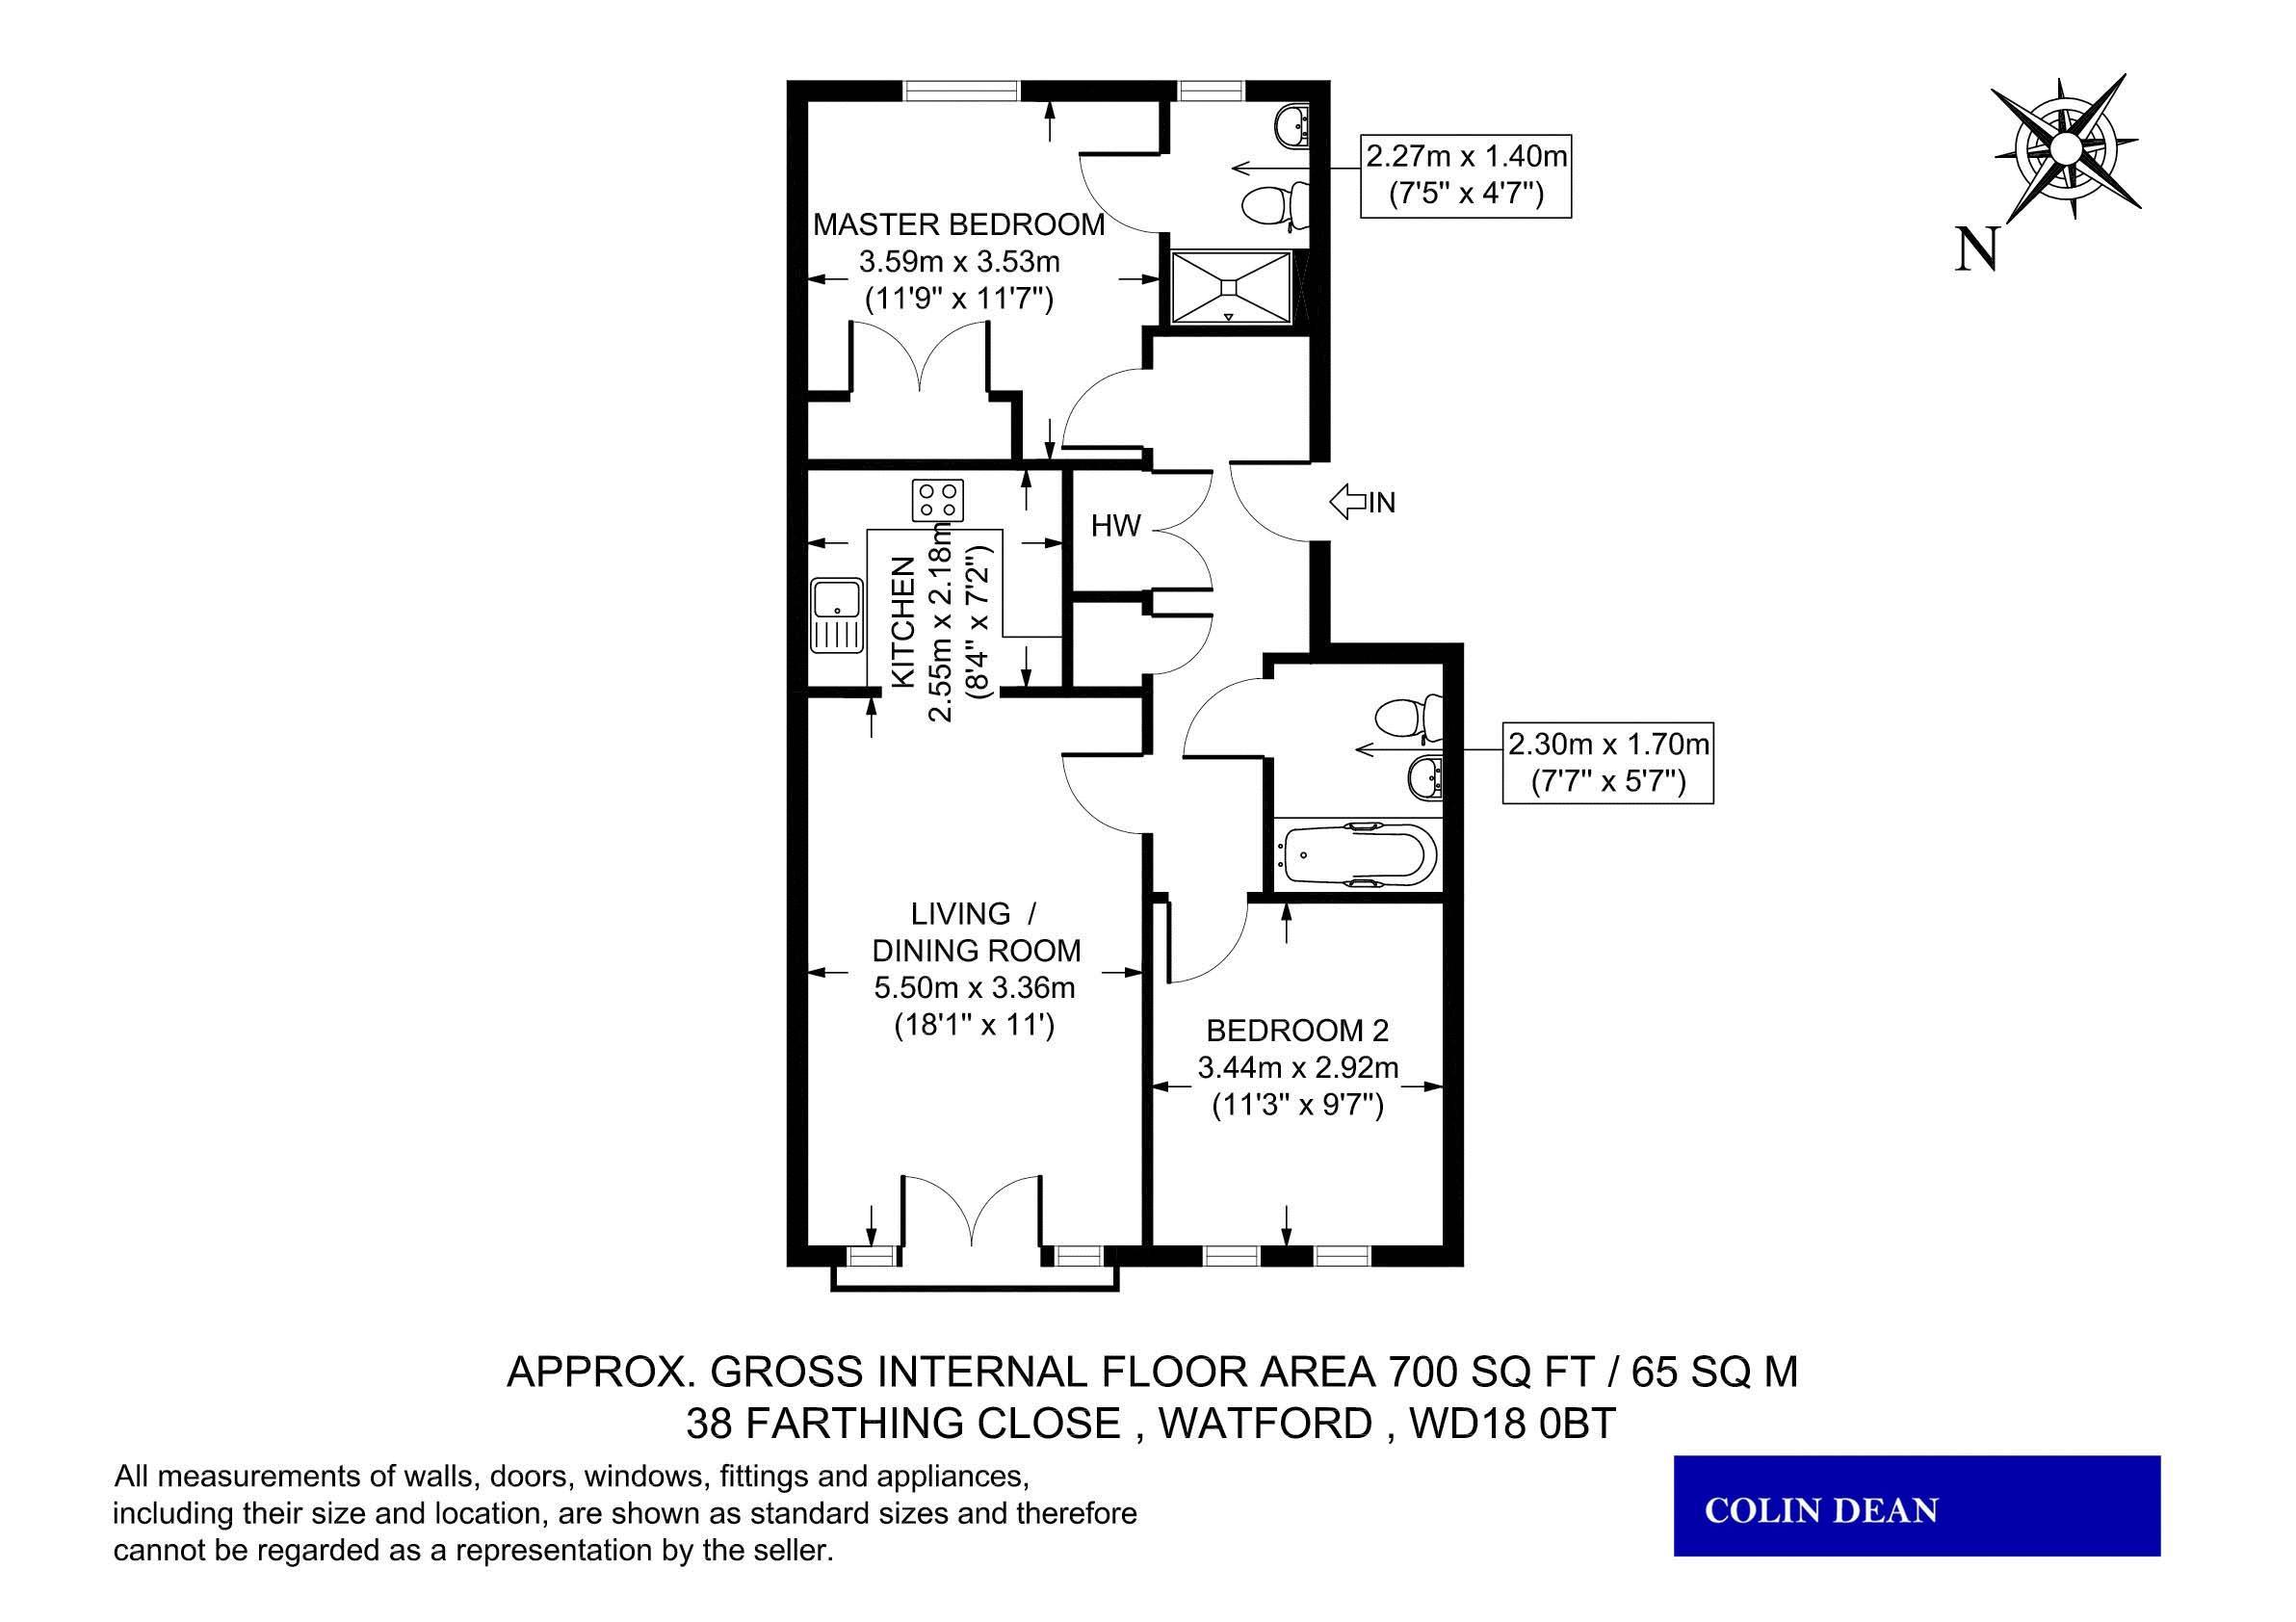 38 Farthing Close-New Floorplan